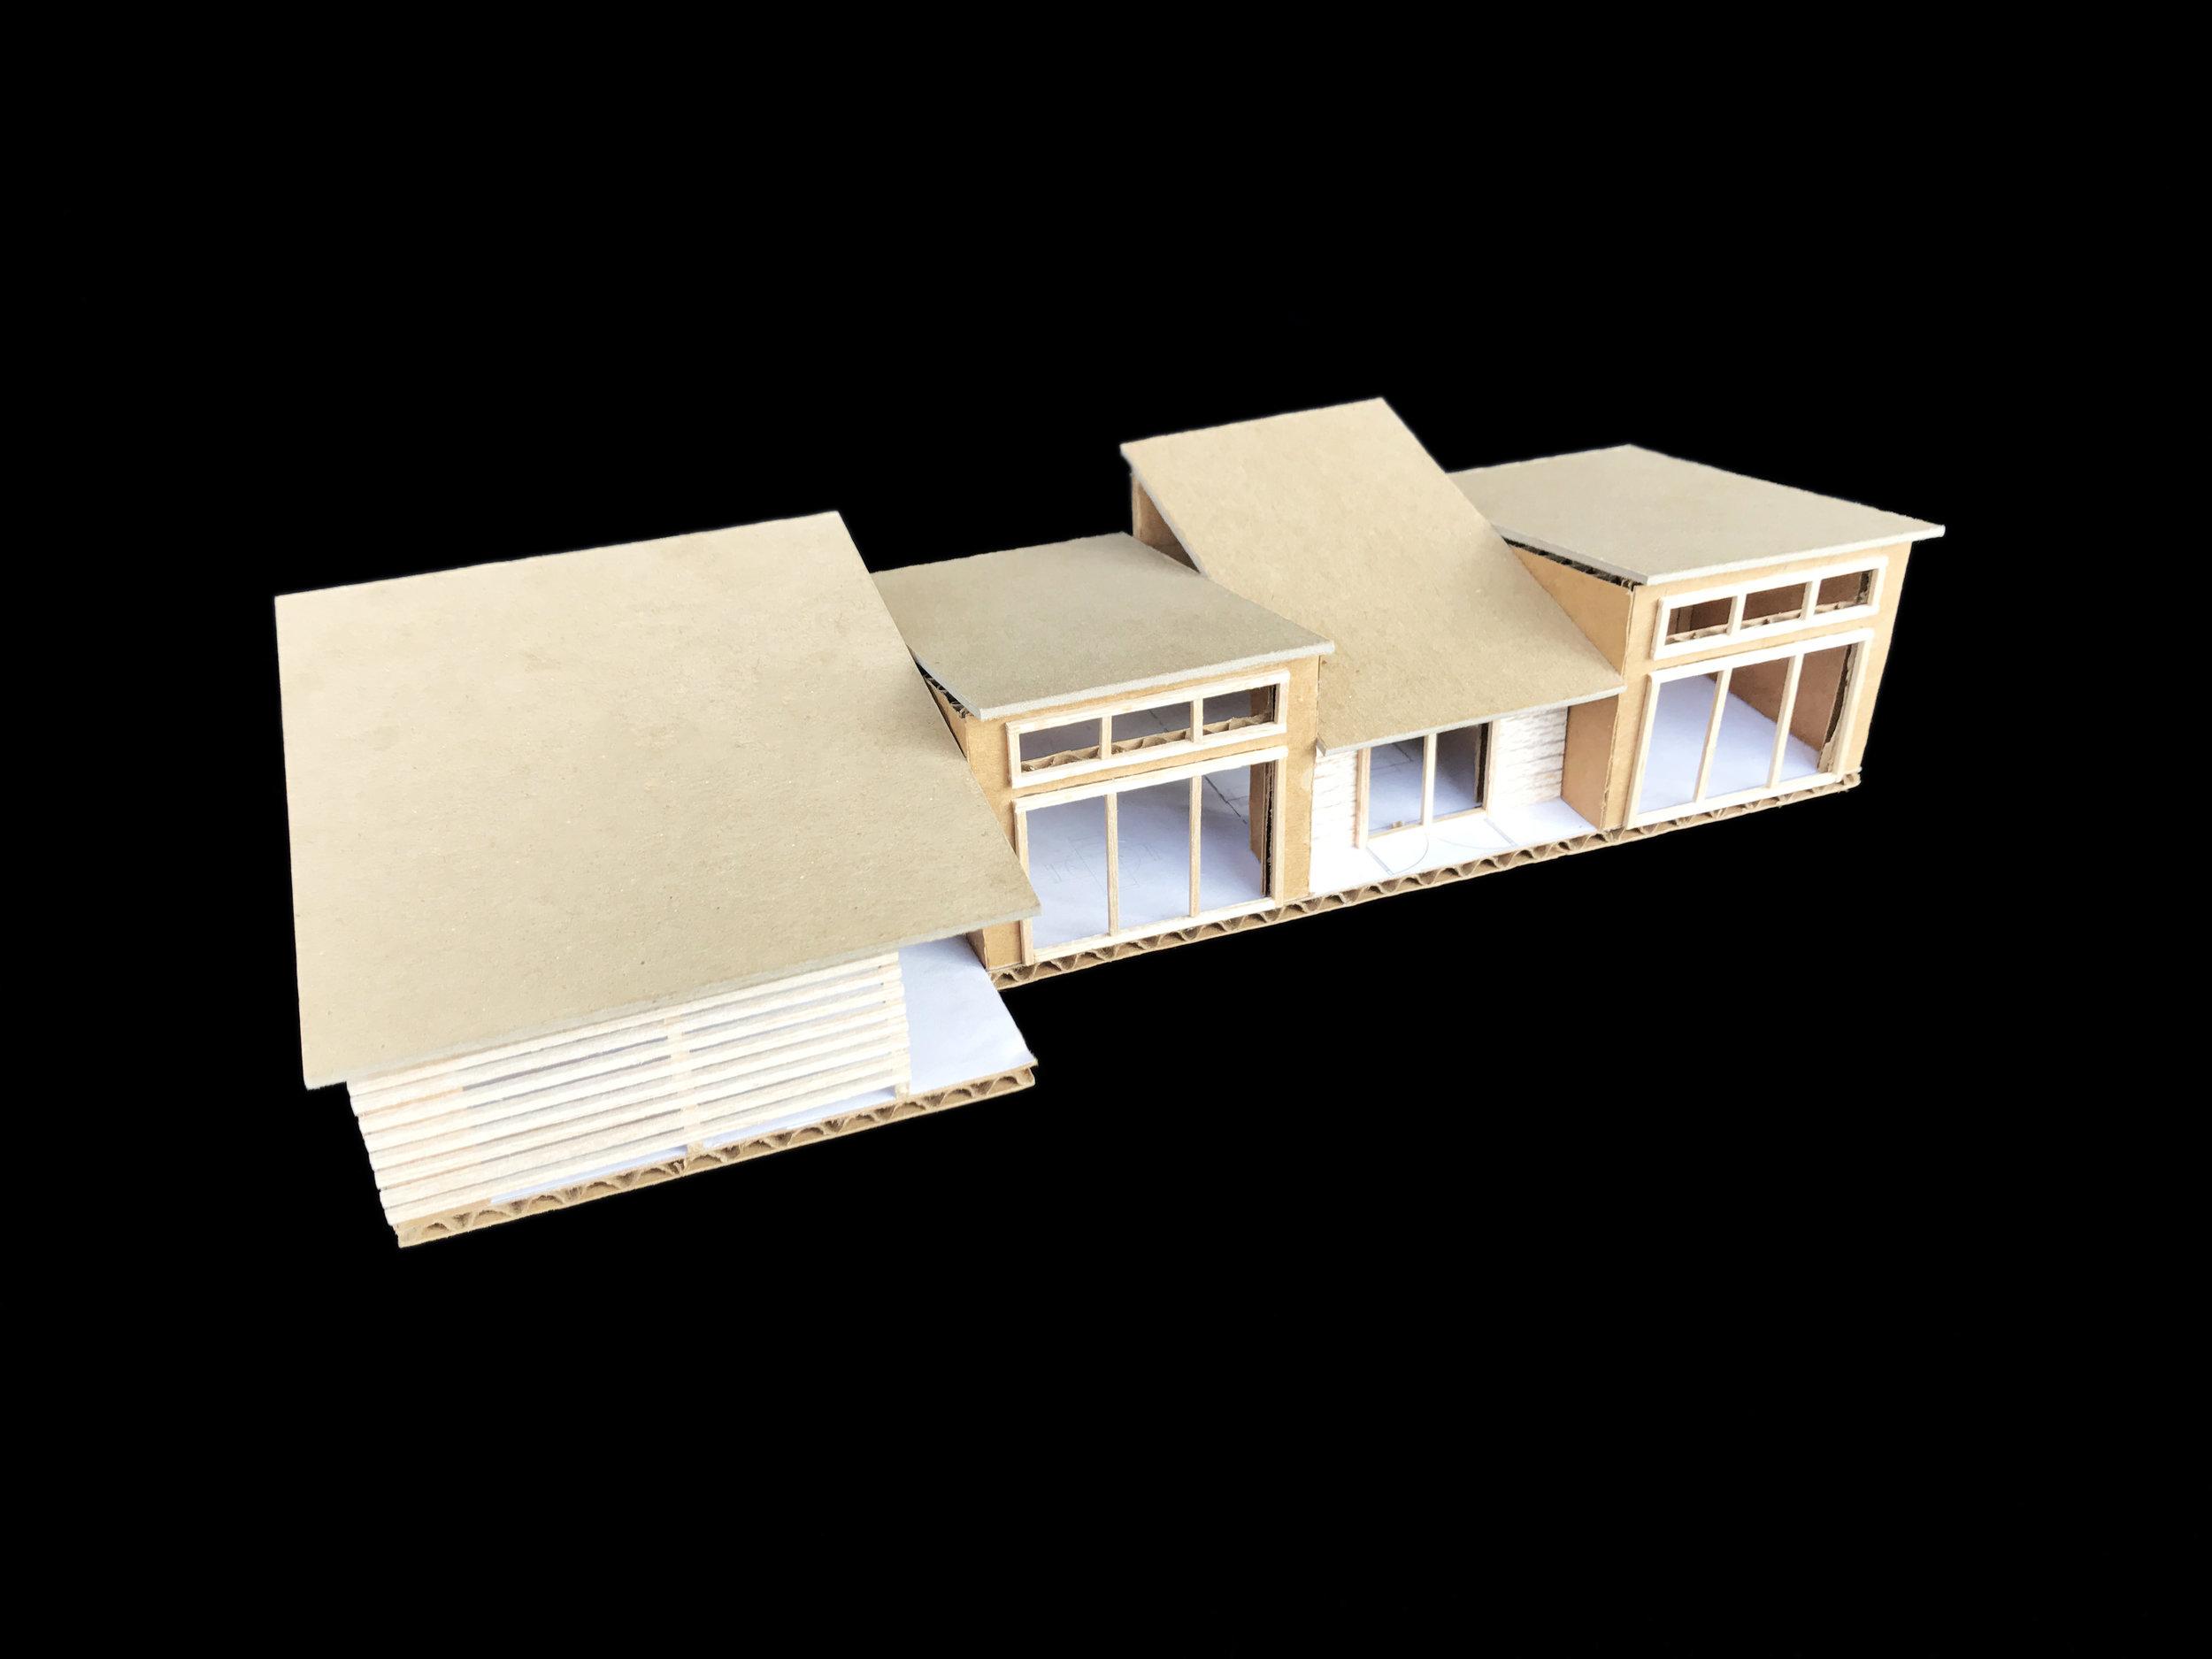 switch-house-cardboard-model.jpg